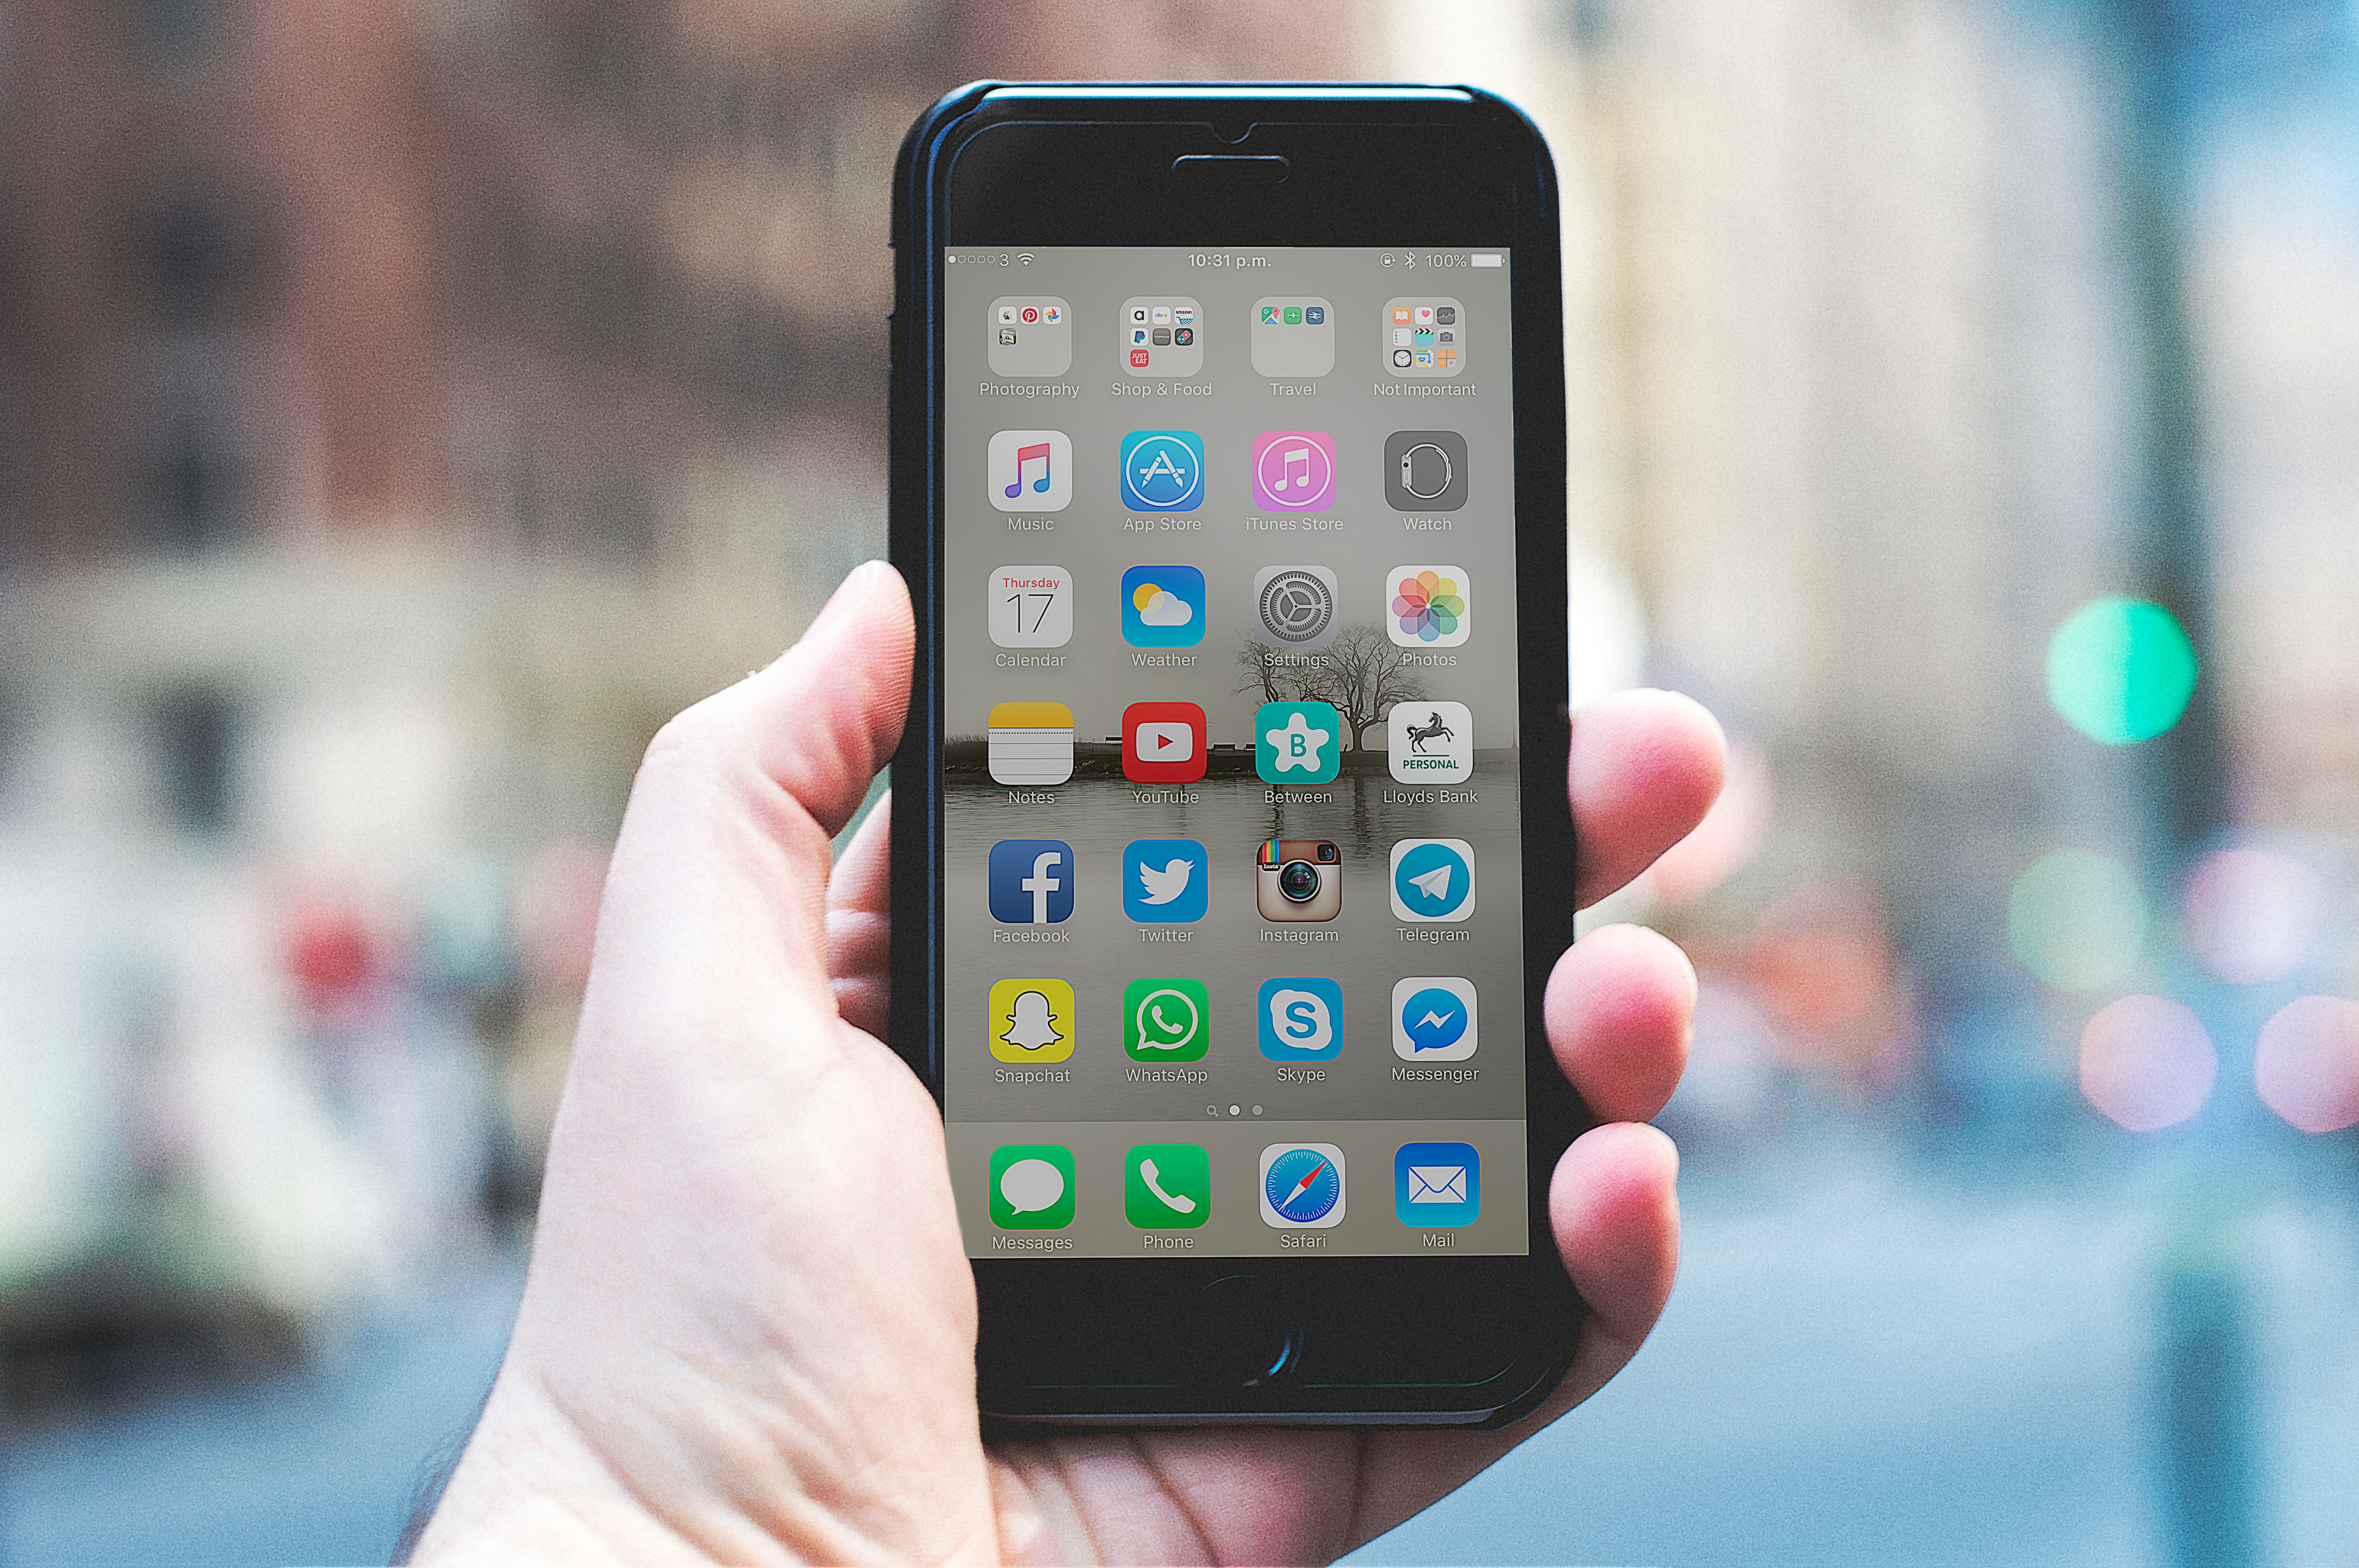 Using Social Media Networks